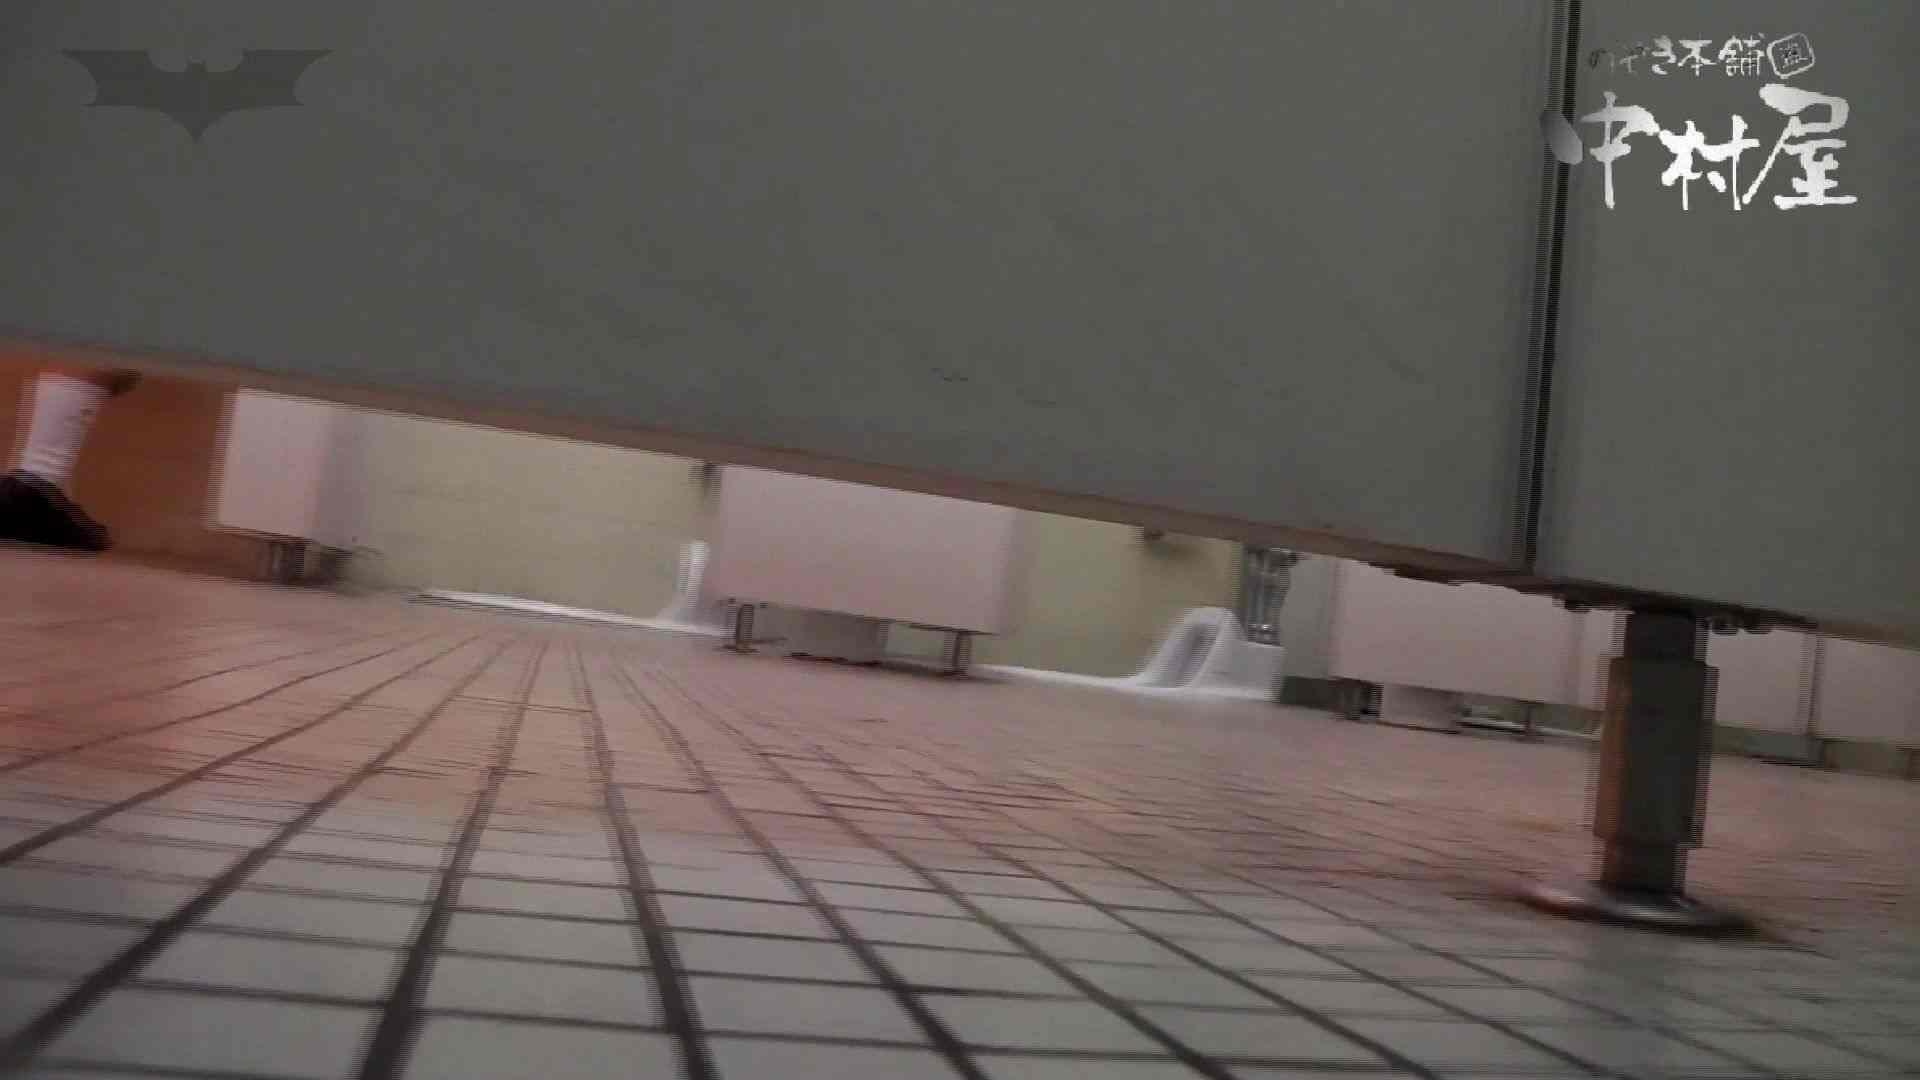 ▲期間限定D▲第三体育館潜入撮File030 分かるでしょう4 ローファー!!